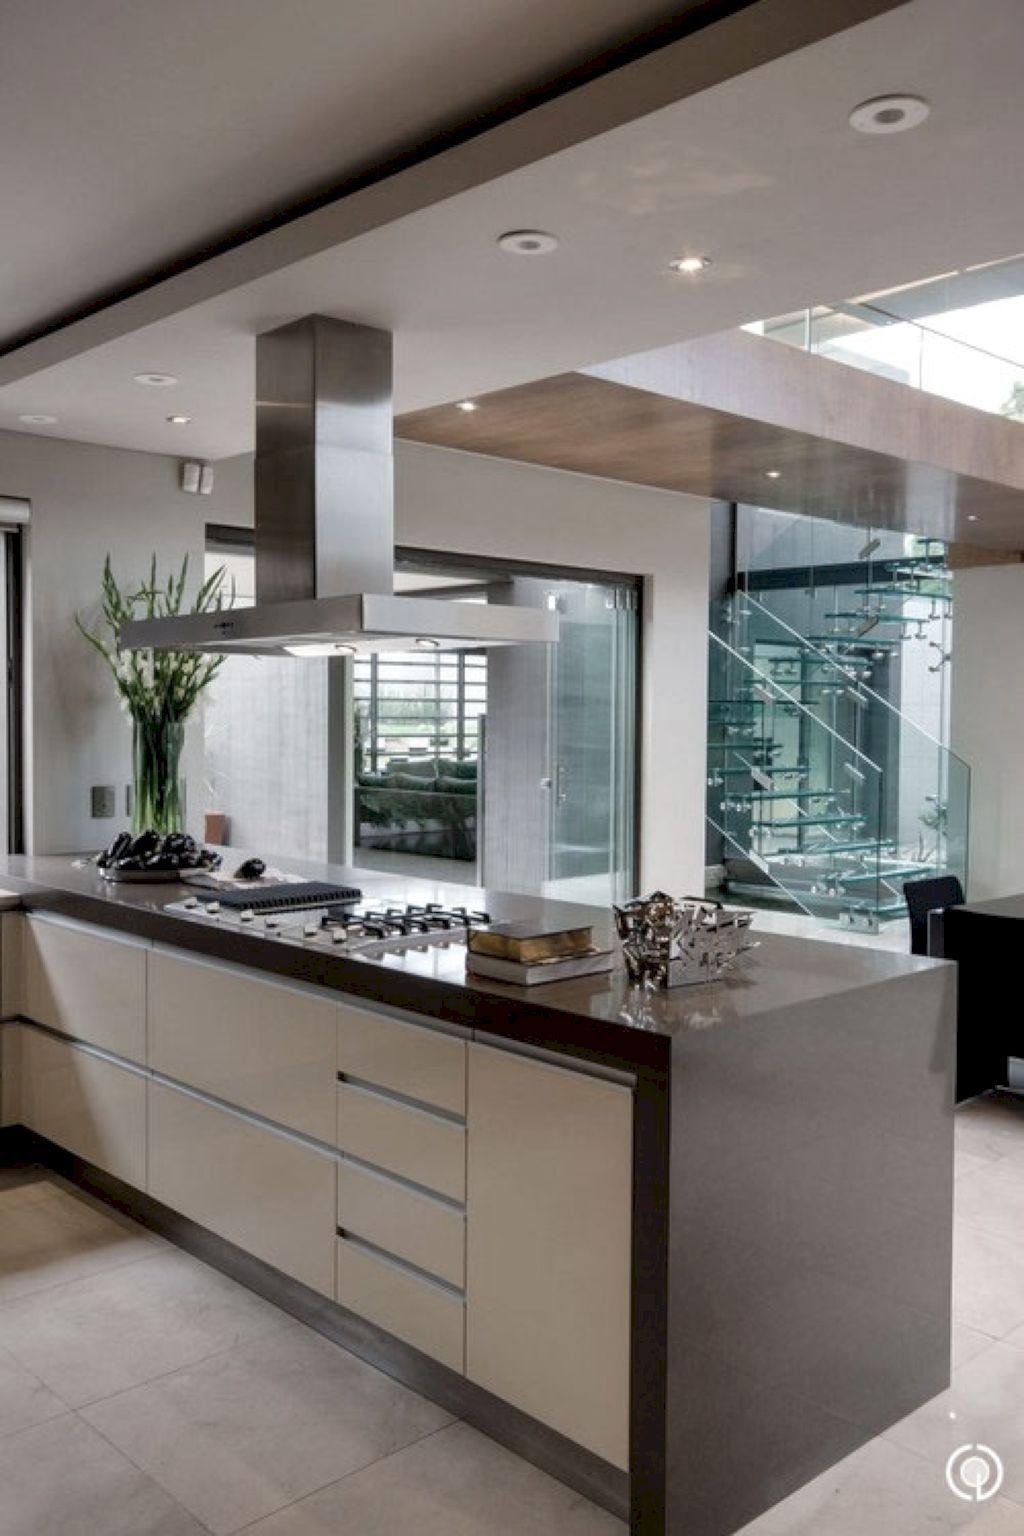 Contemporary Kitchen Interior Design: 38 Modern Contemporary Kitchen Ideas